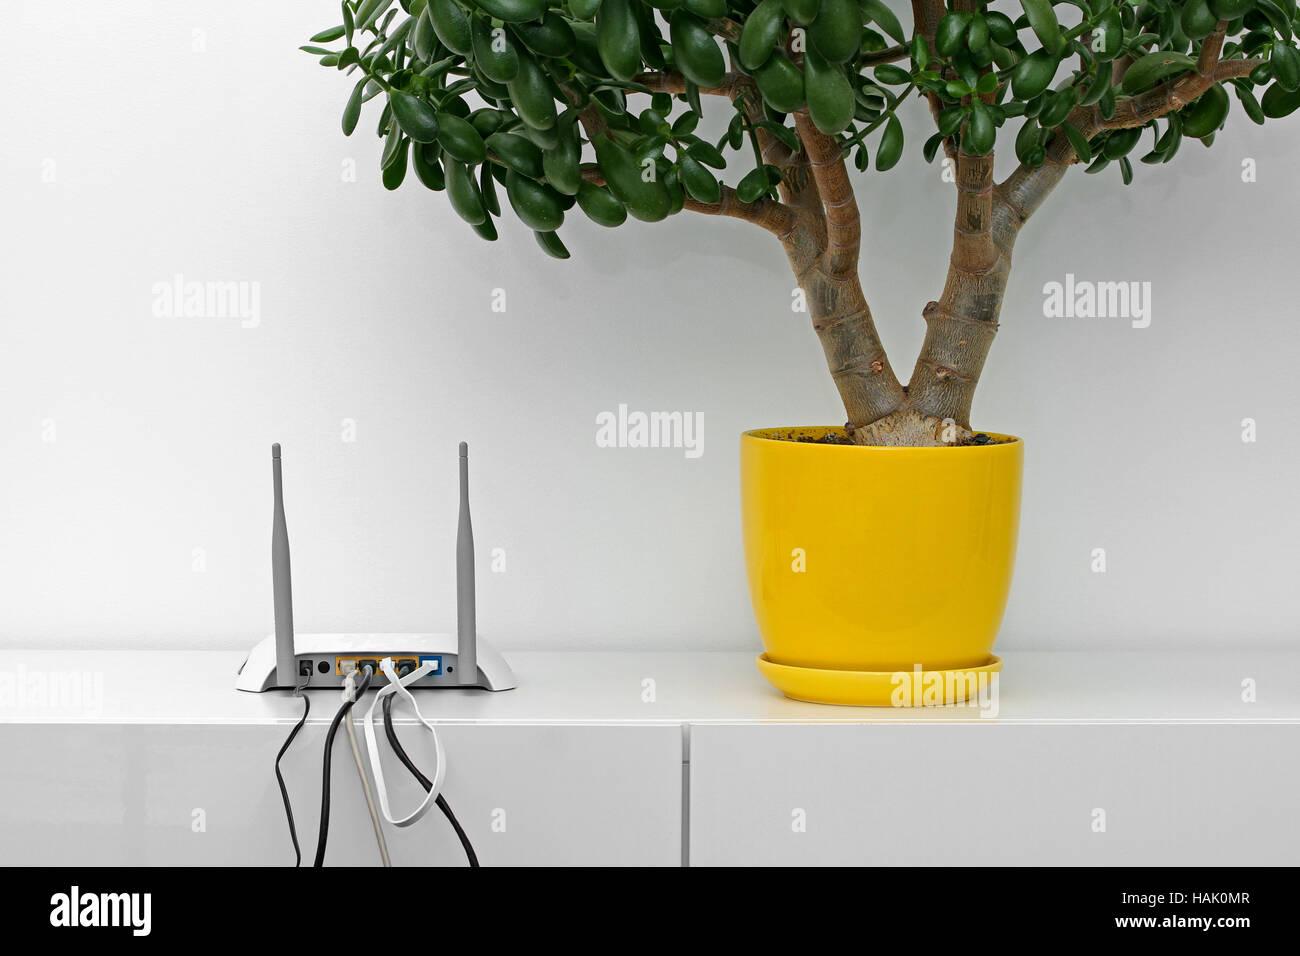 d546c2d1ef90a3 Internet-Router und Blume Topf auf weißen Regal im hellen Innenraum ...